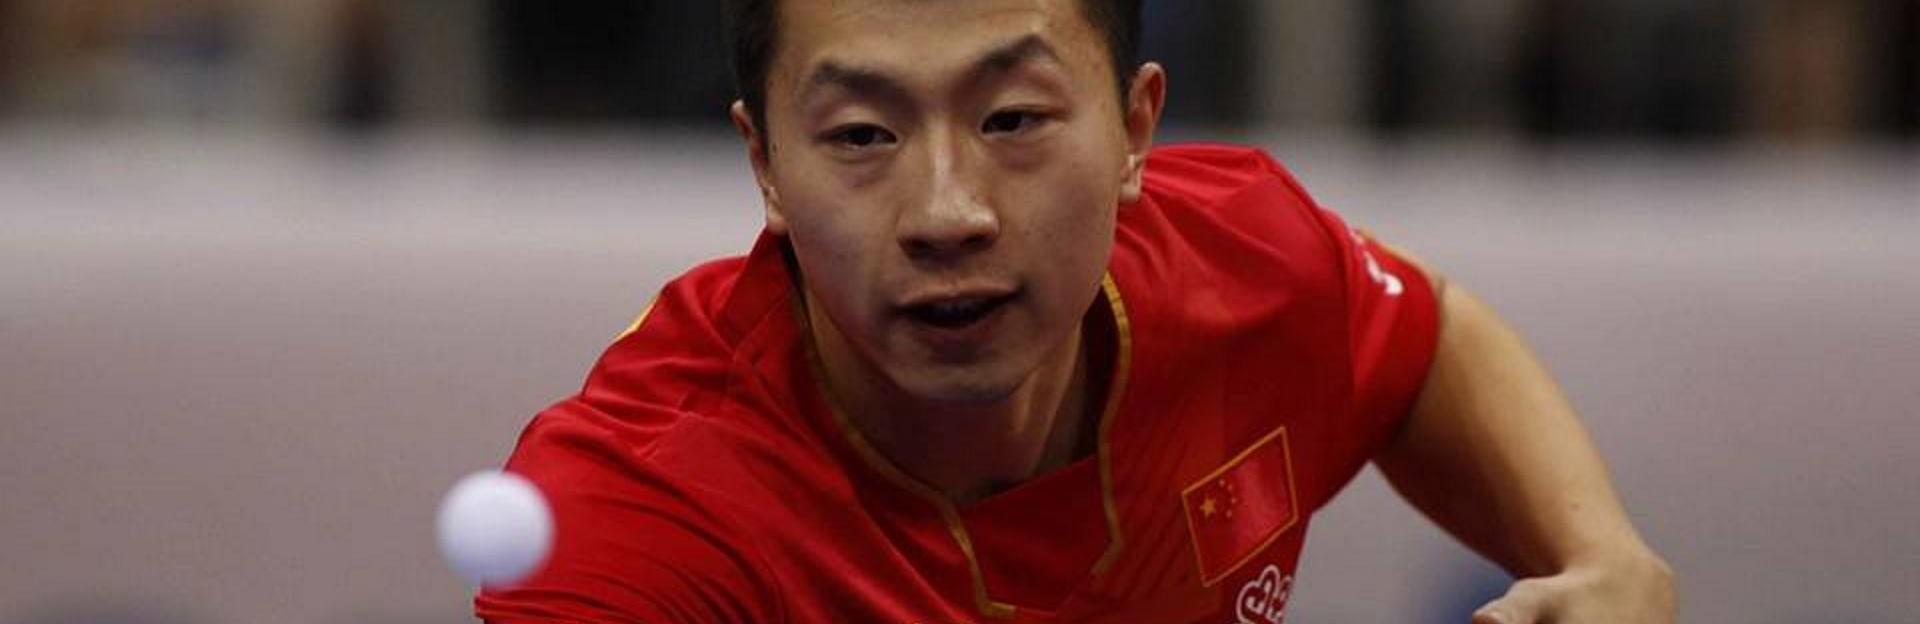 OPRAVDAO NASLOV Kineski stolnotenisač Ma Long osvojio naslov svjetskog prvaka